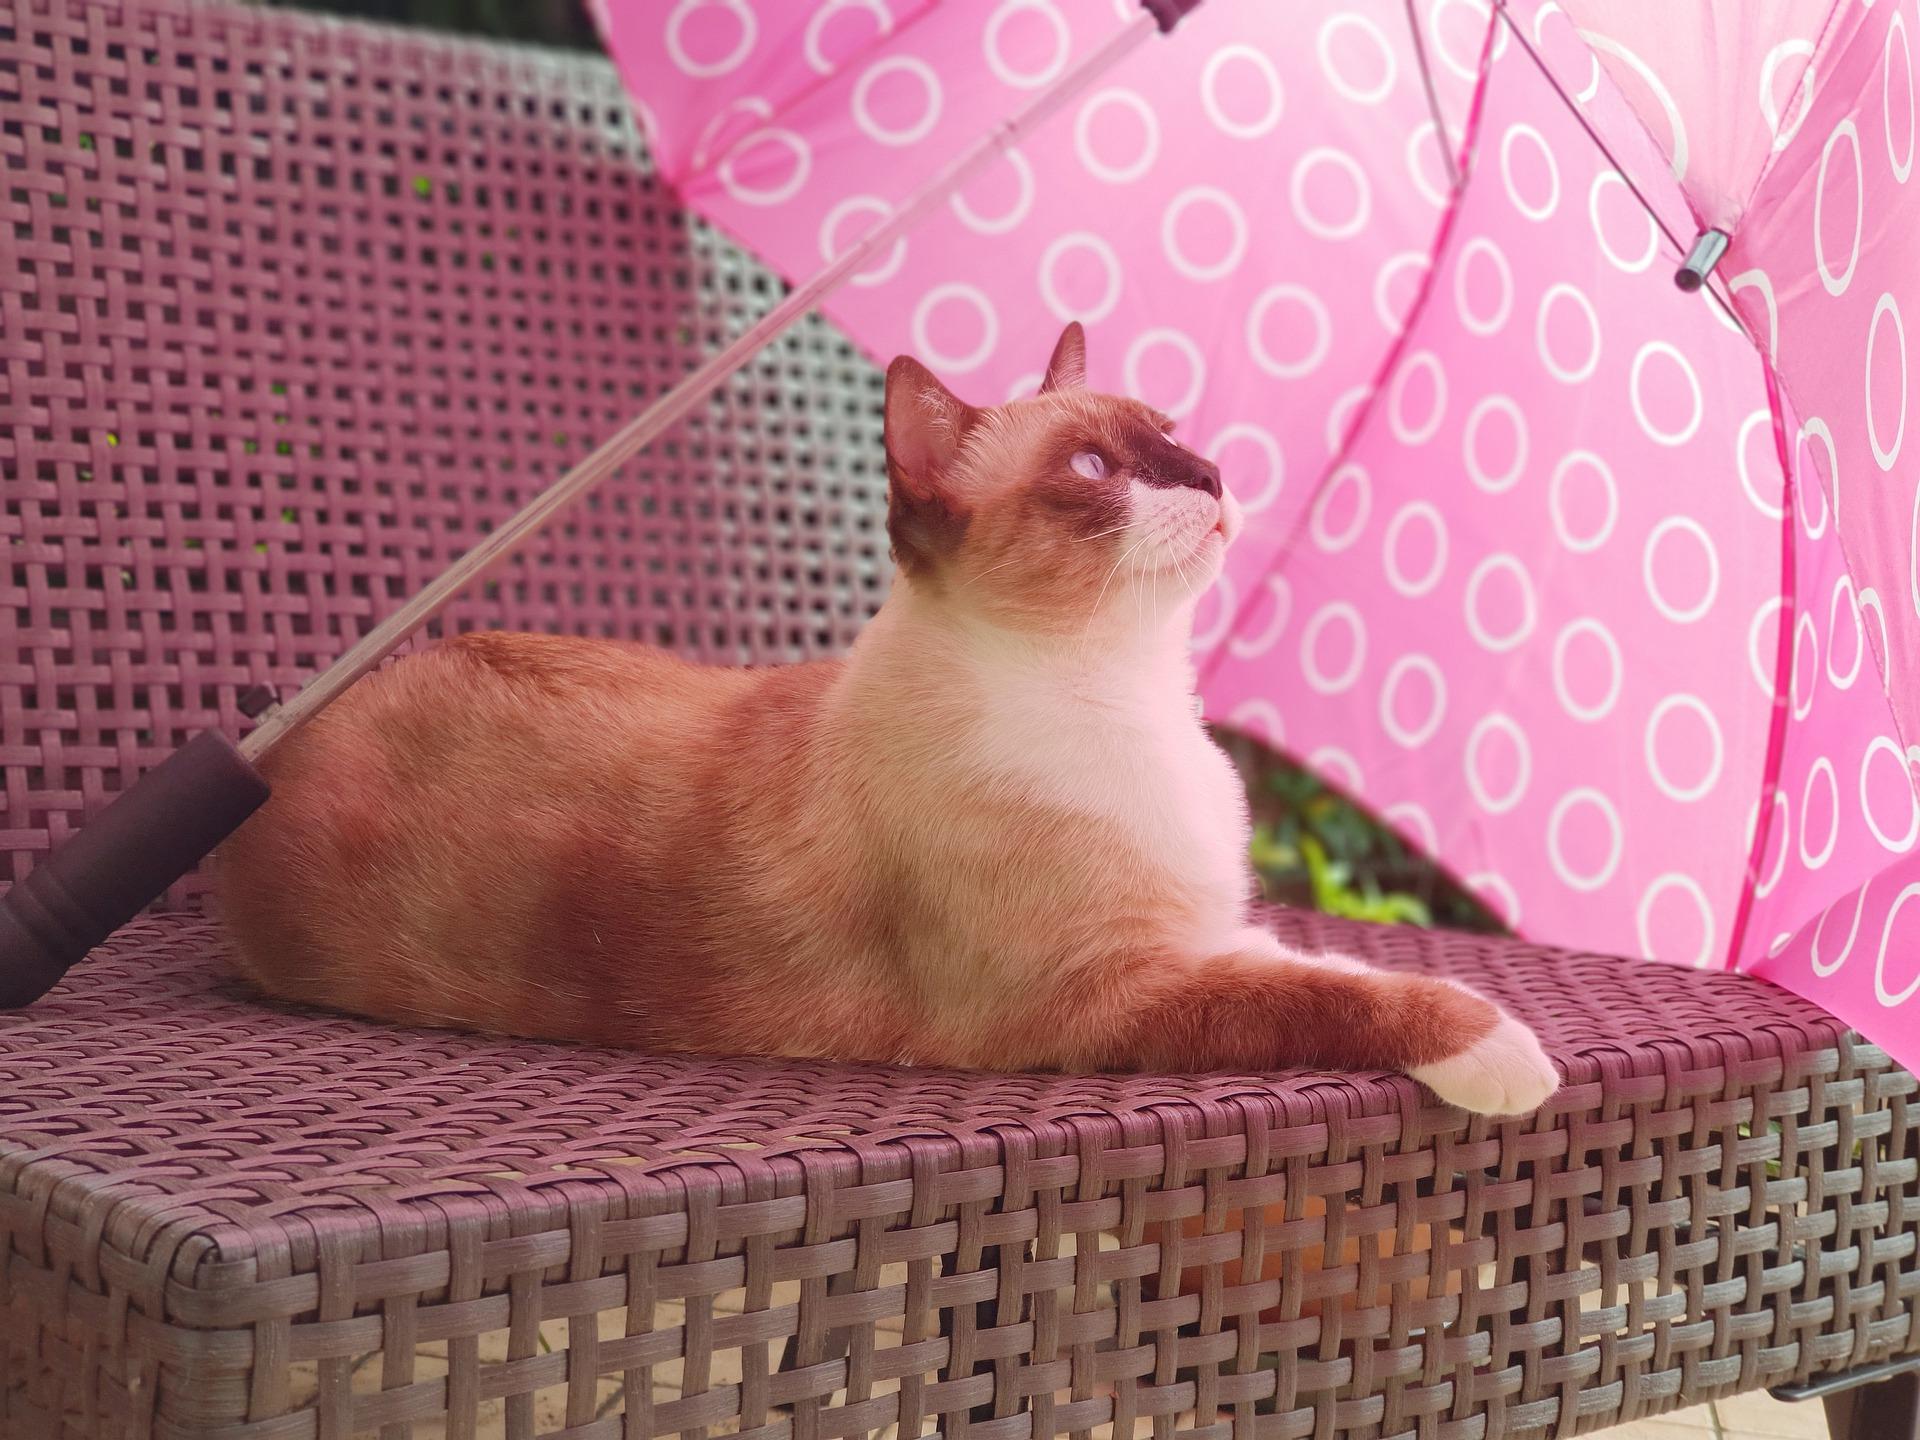 zesde zintuig bij katten